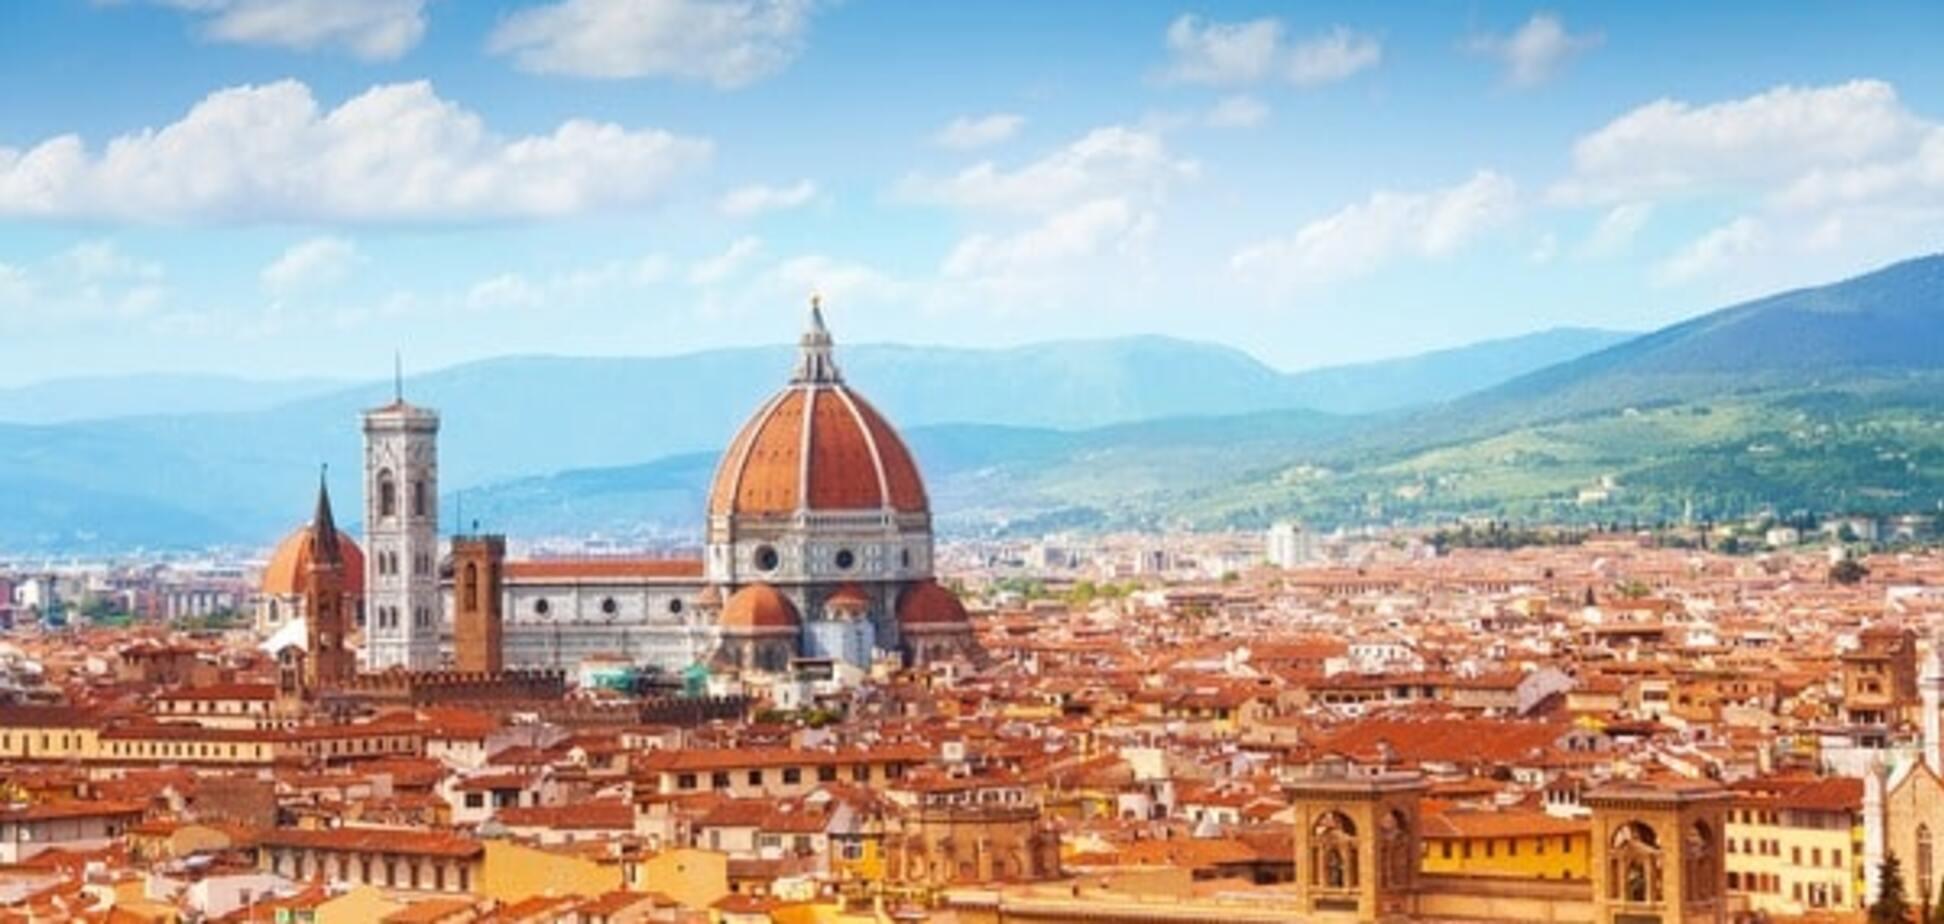 Неизведанная Флоренция: интересные места, которые знают только местные